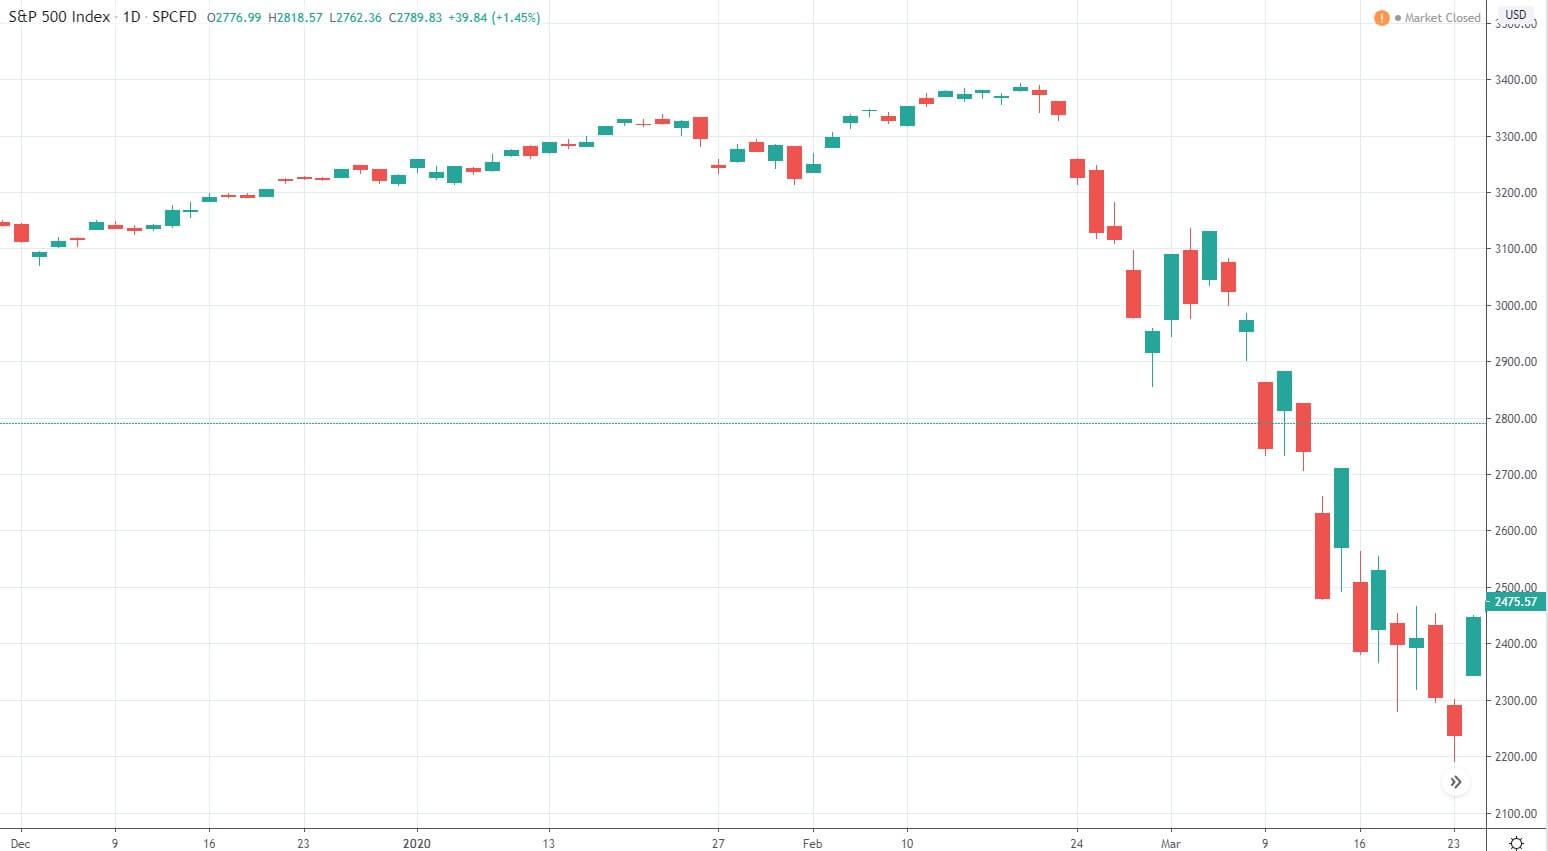 Obwohl das Corona-Virus schon seit Dezember grassiert, brechen die Aktienkurse erst ab dem 24.02 ein (Quelle Tradingview.com)